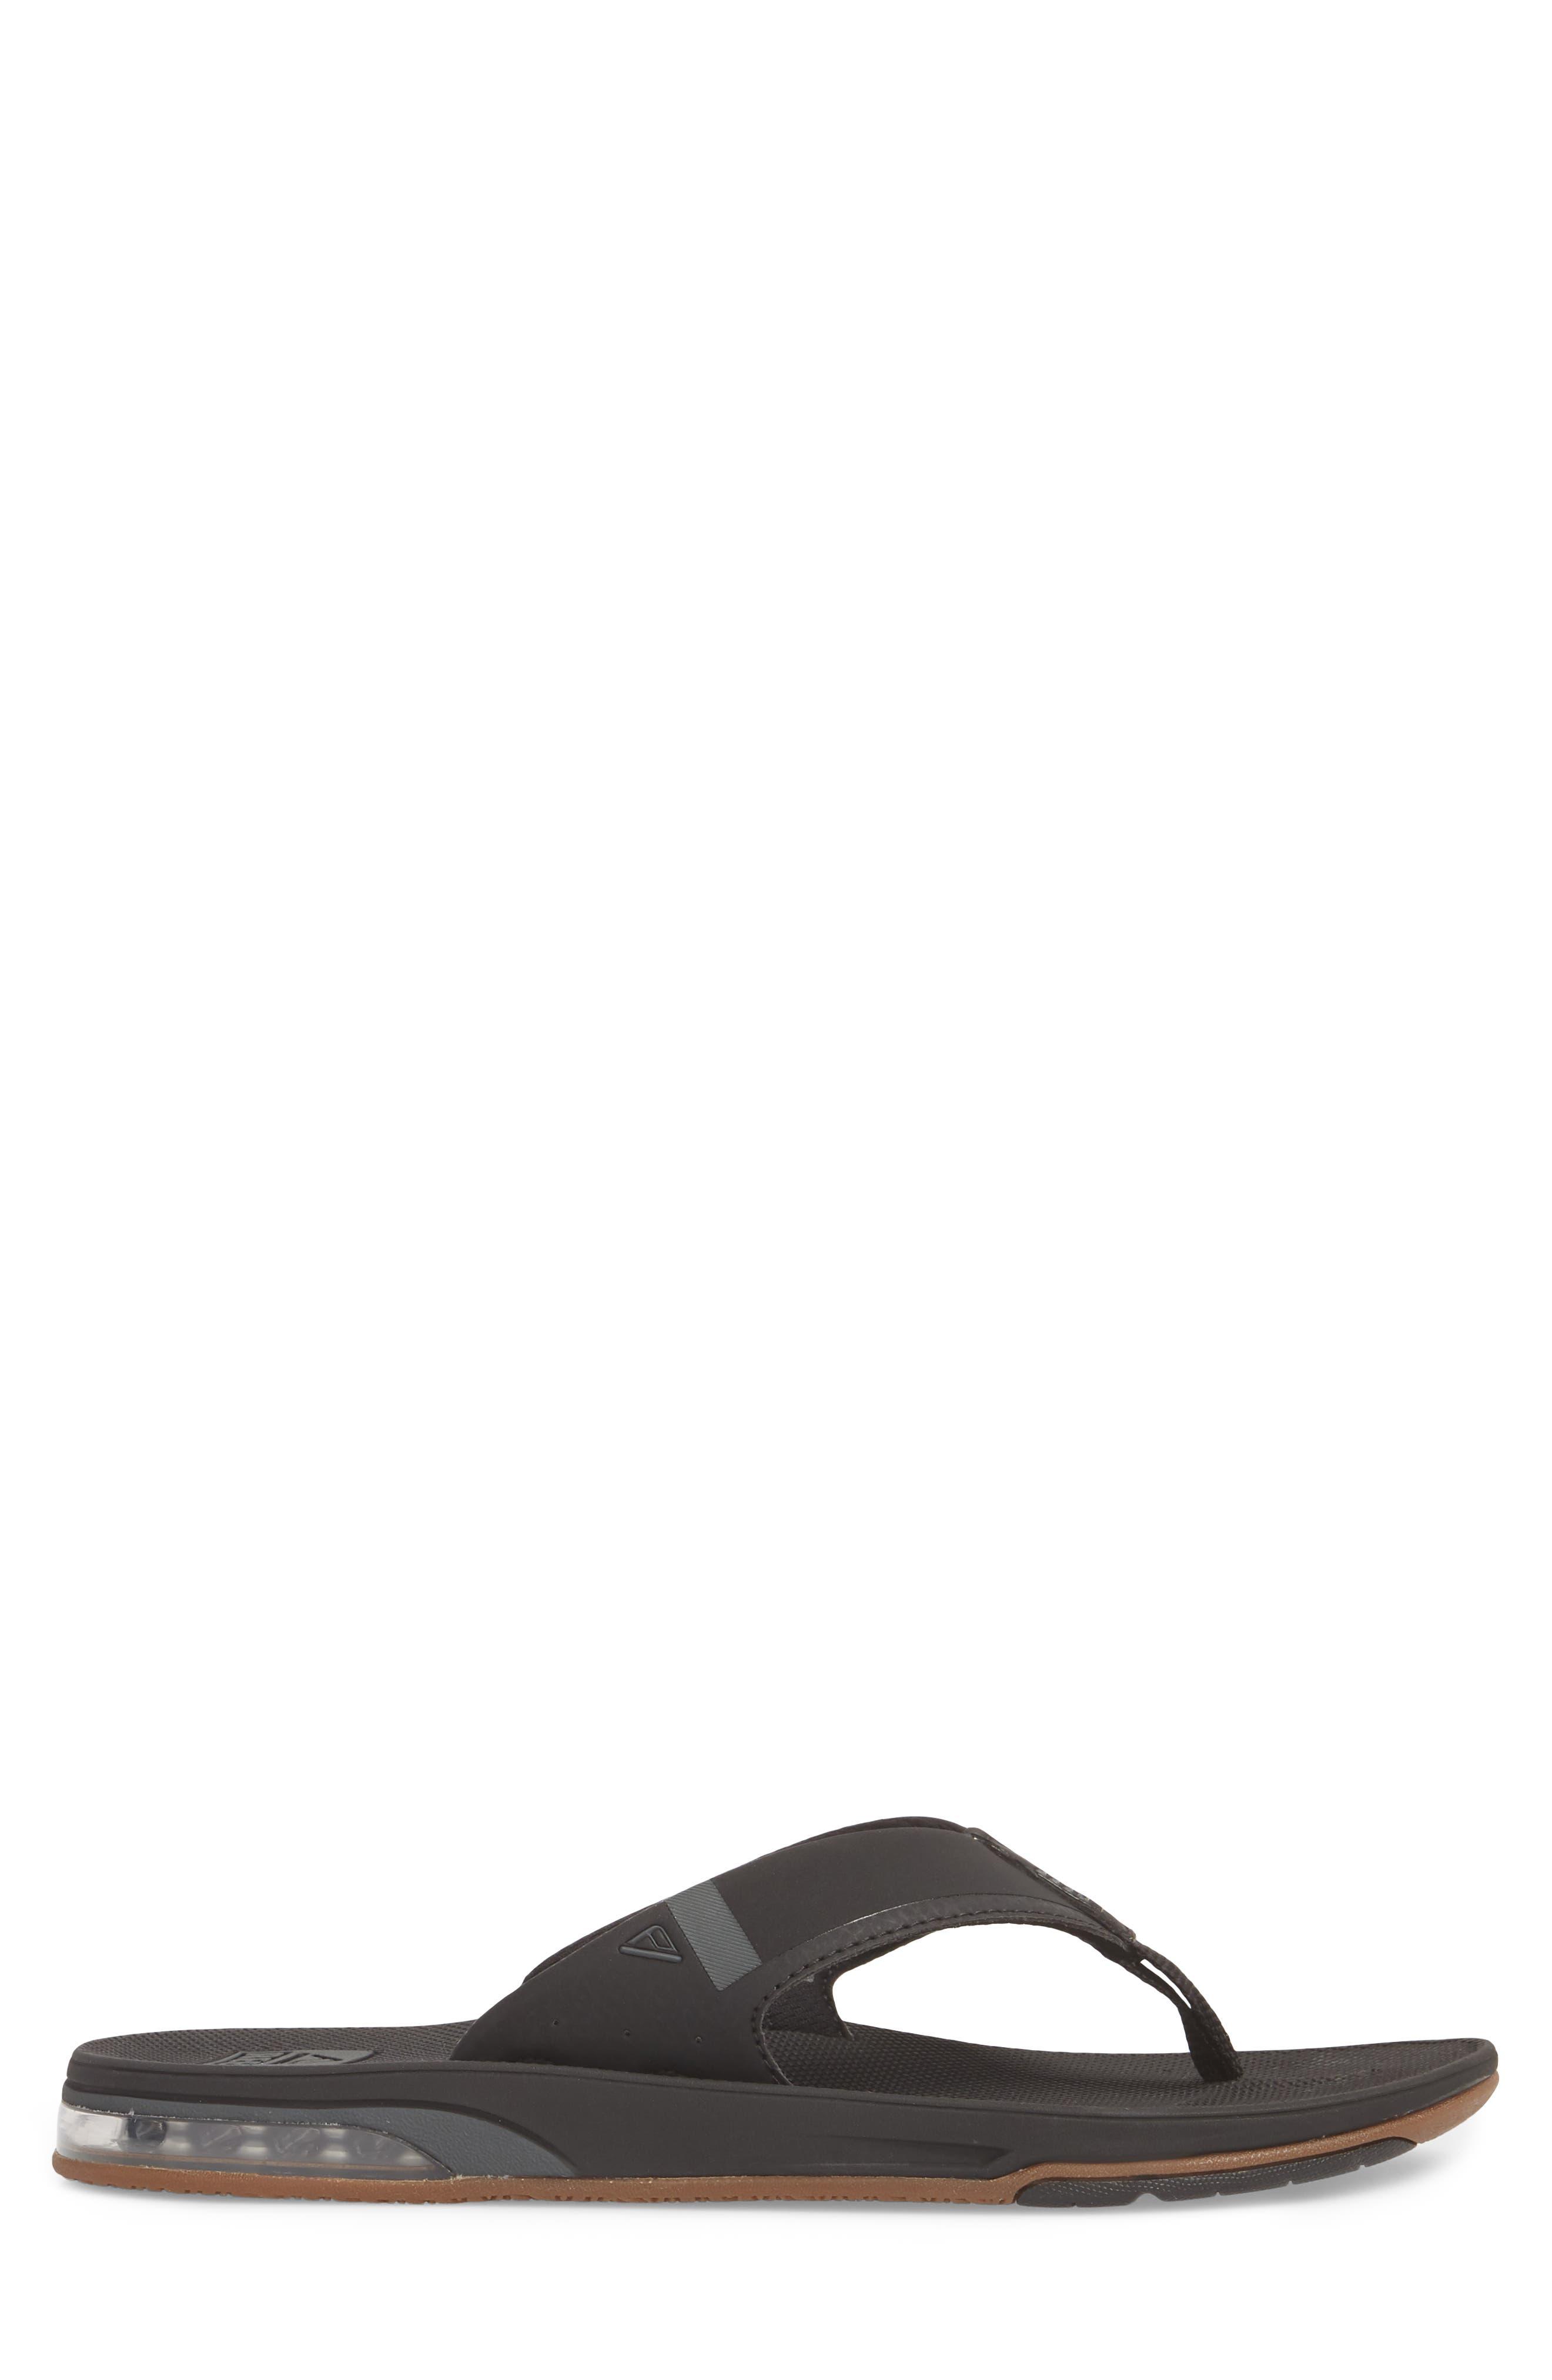 Fanning Low Flip Flop,                             Alternate thumbnail 3, color,                             Black